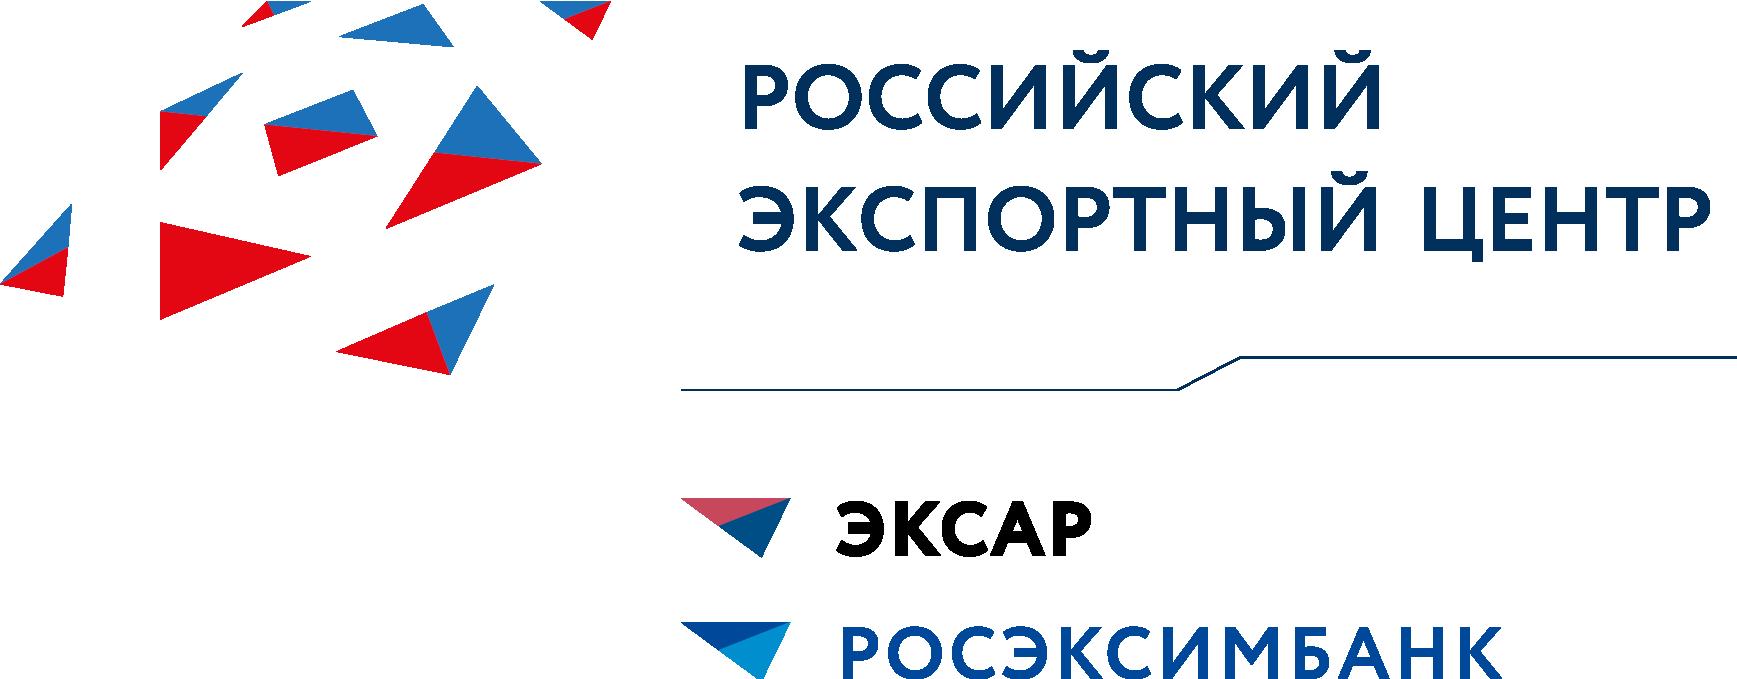 Впервые российские строительные компании будут представлены на крупнейшей международной выставке BAUTEC 2018